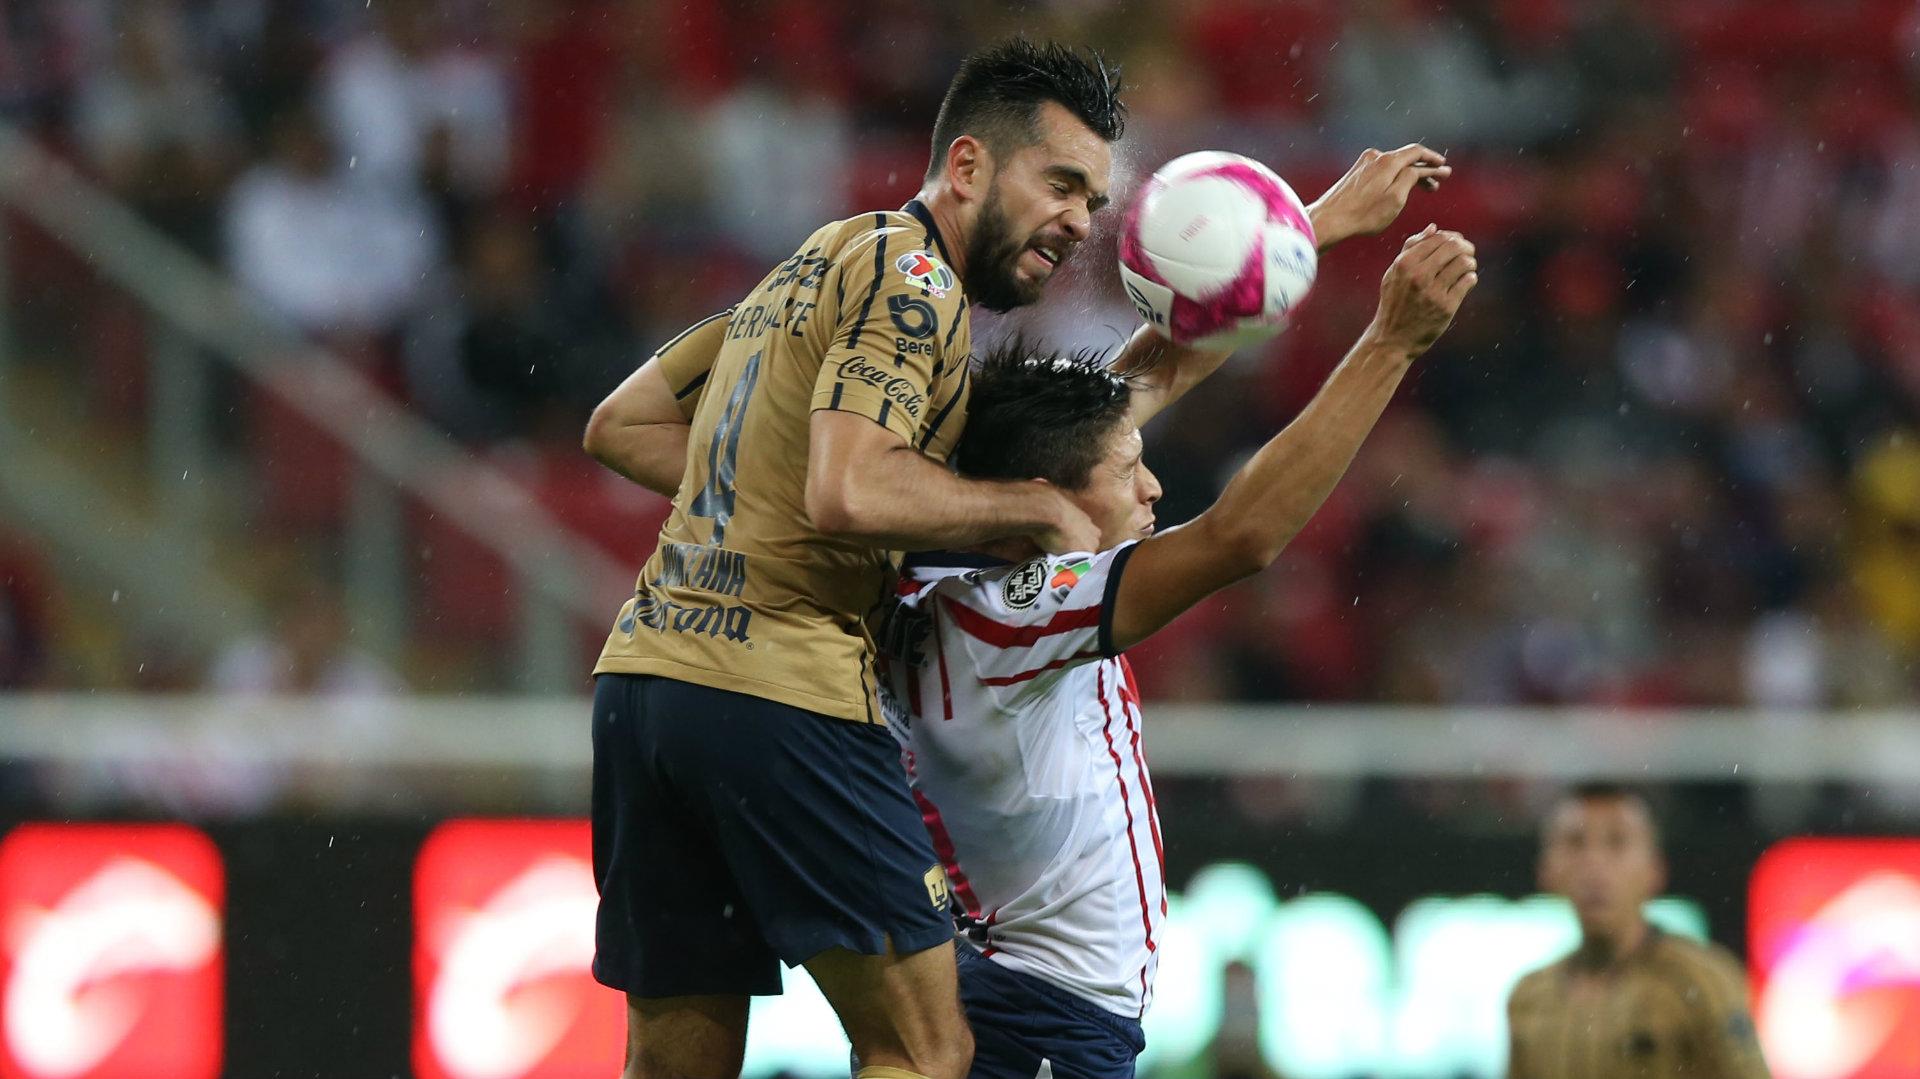 Luis Quintana José Godínez Pumas Chivas 081018